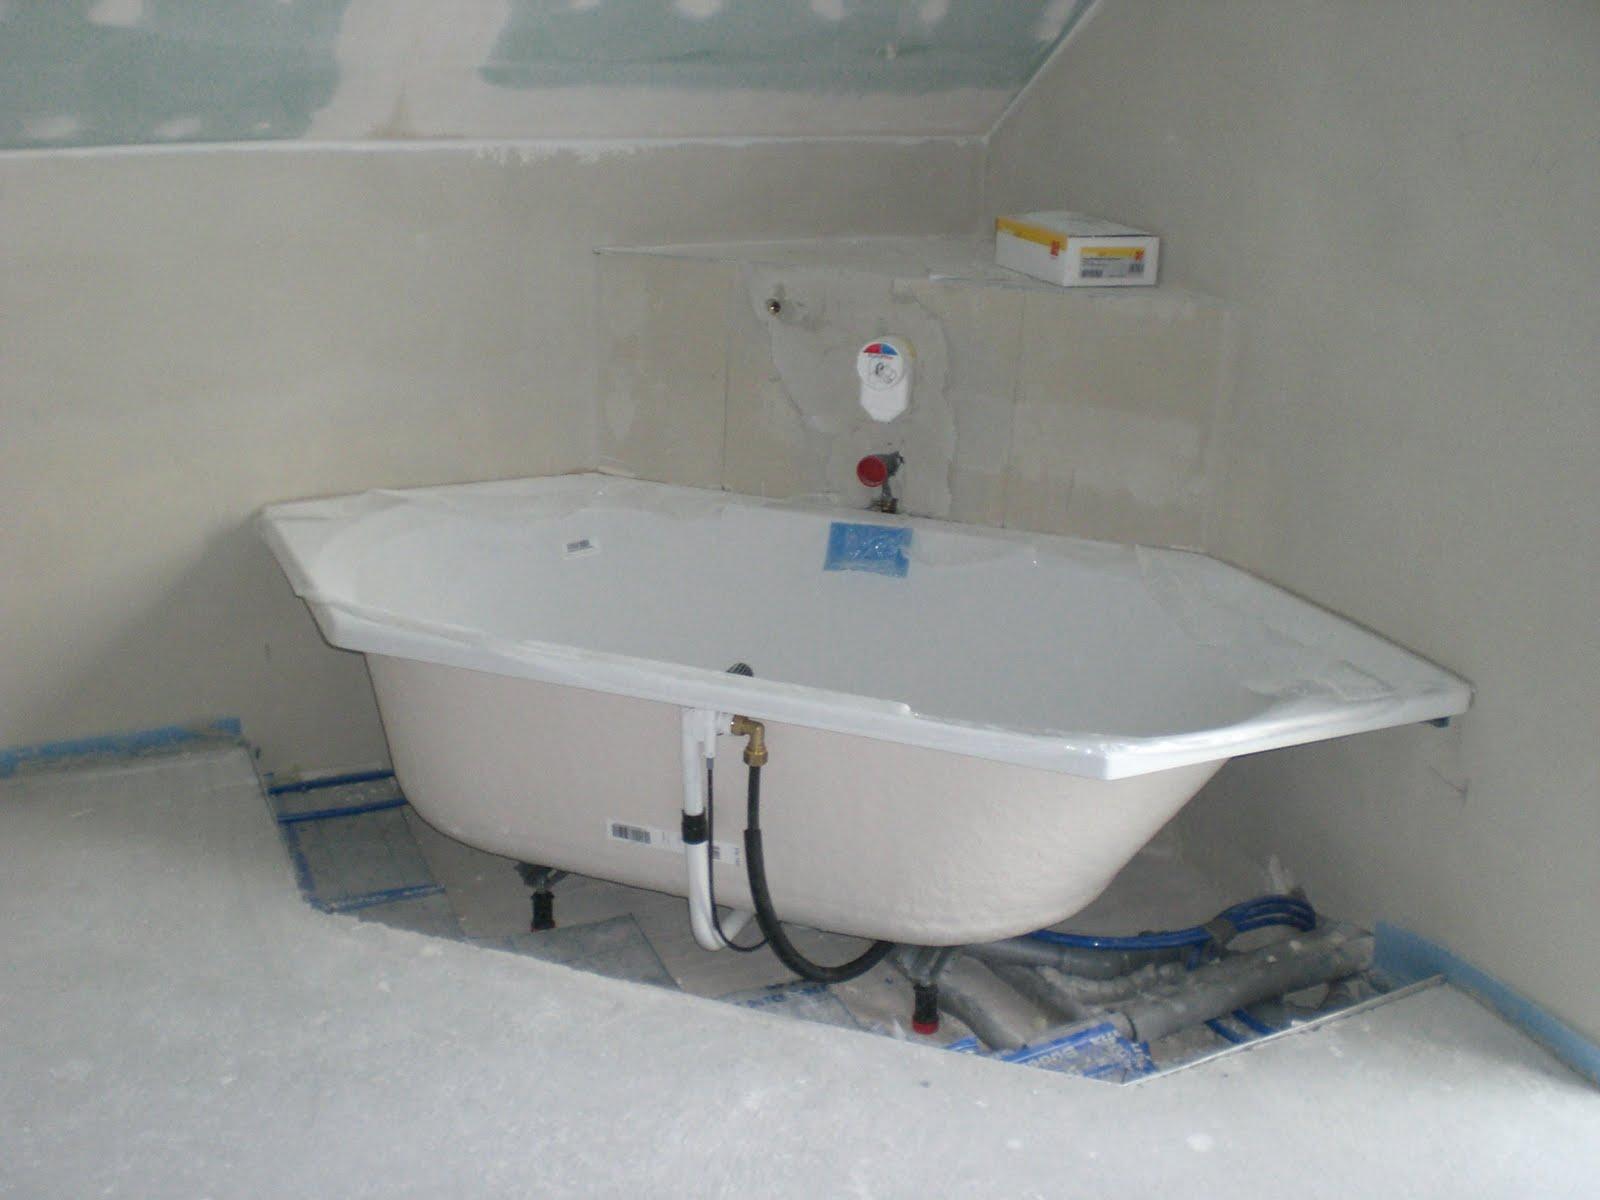 badewanne beschichten kosten badewanne beschichten lassen kosten download page beste kosten. Black Bedroom Furniture Sets. Home Design Ideas